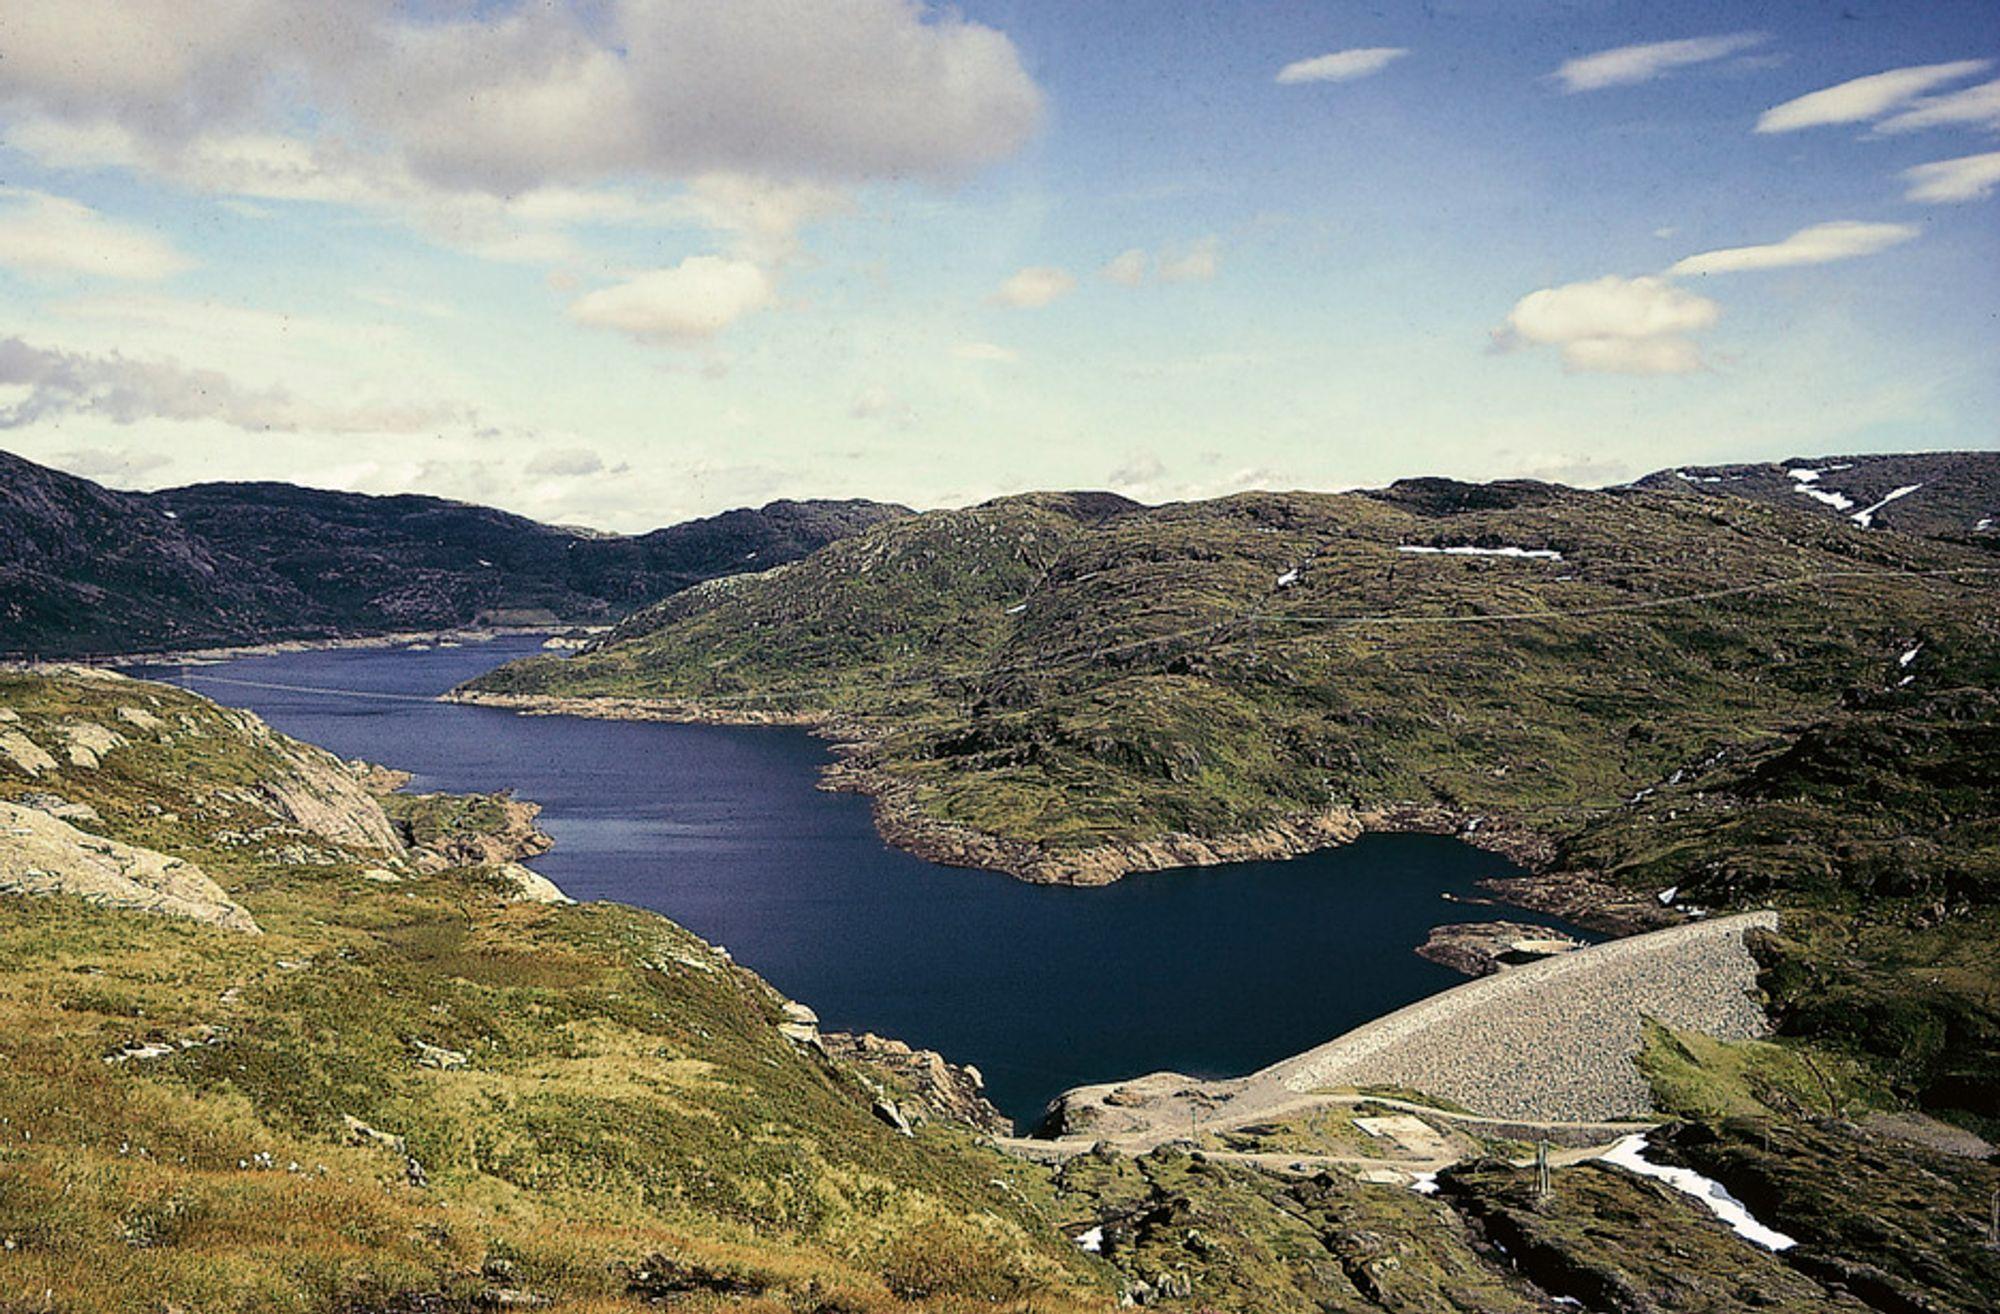 NY VURDERING: Norges vassdrags- og energidirektorat mener BKK må oppgradere dammen ved Askjelldalsvatn til den sikreste damklassen, klasse 4.